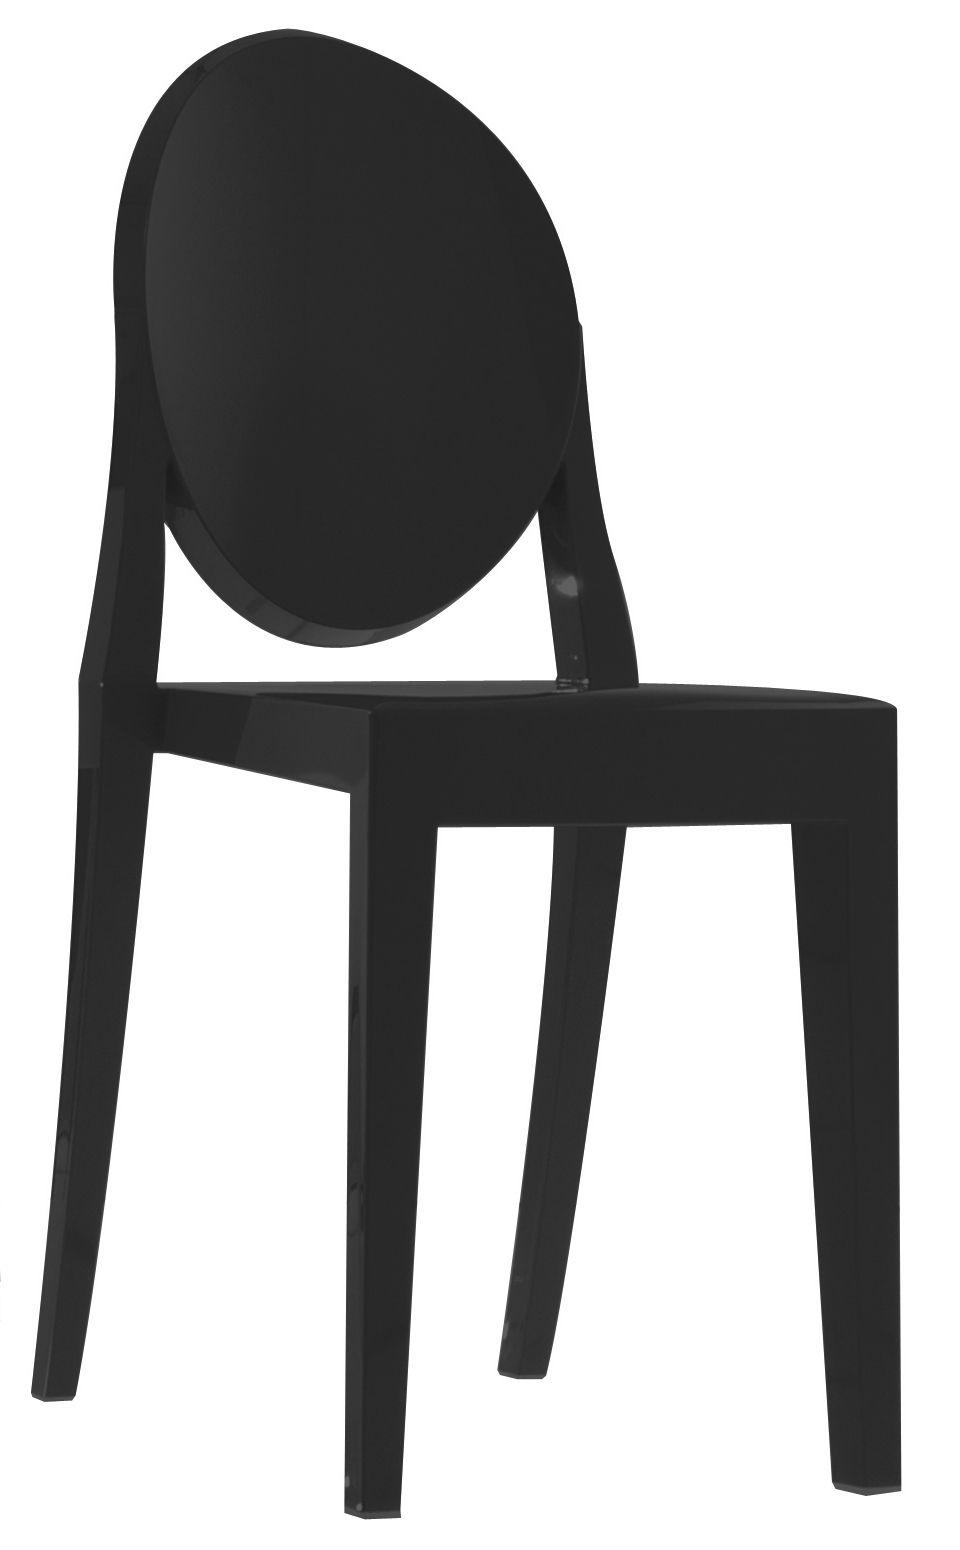 Mobilier - Chaises, fauteuils de salle à manger - Chaise empilable Victoria Ghost opaque/ Polycarbonate - Kartell - Noir opaque - Polycarbonate